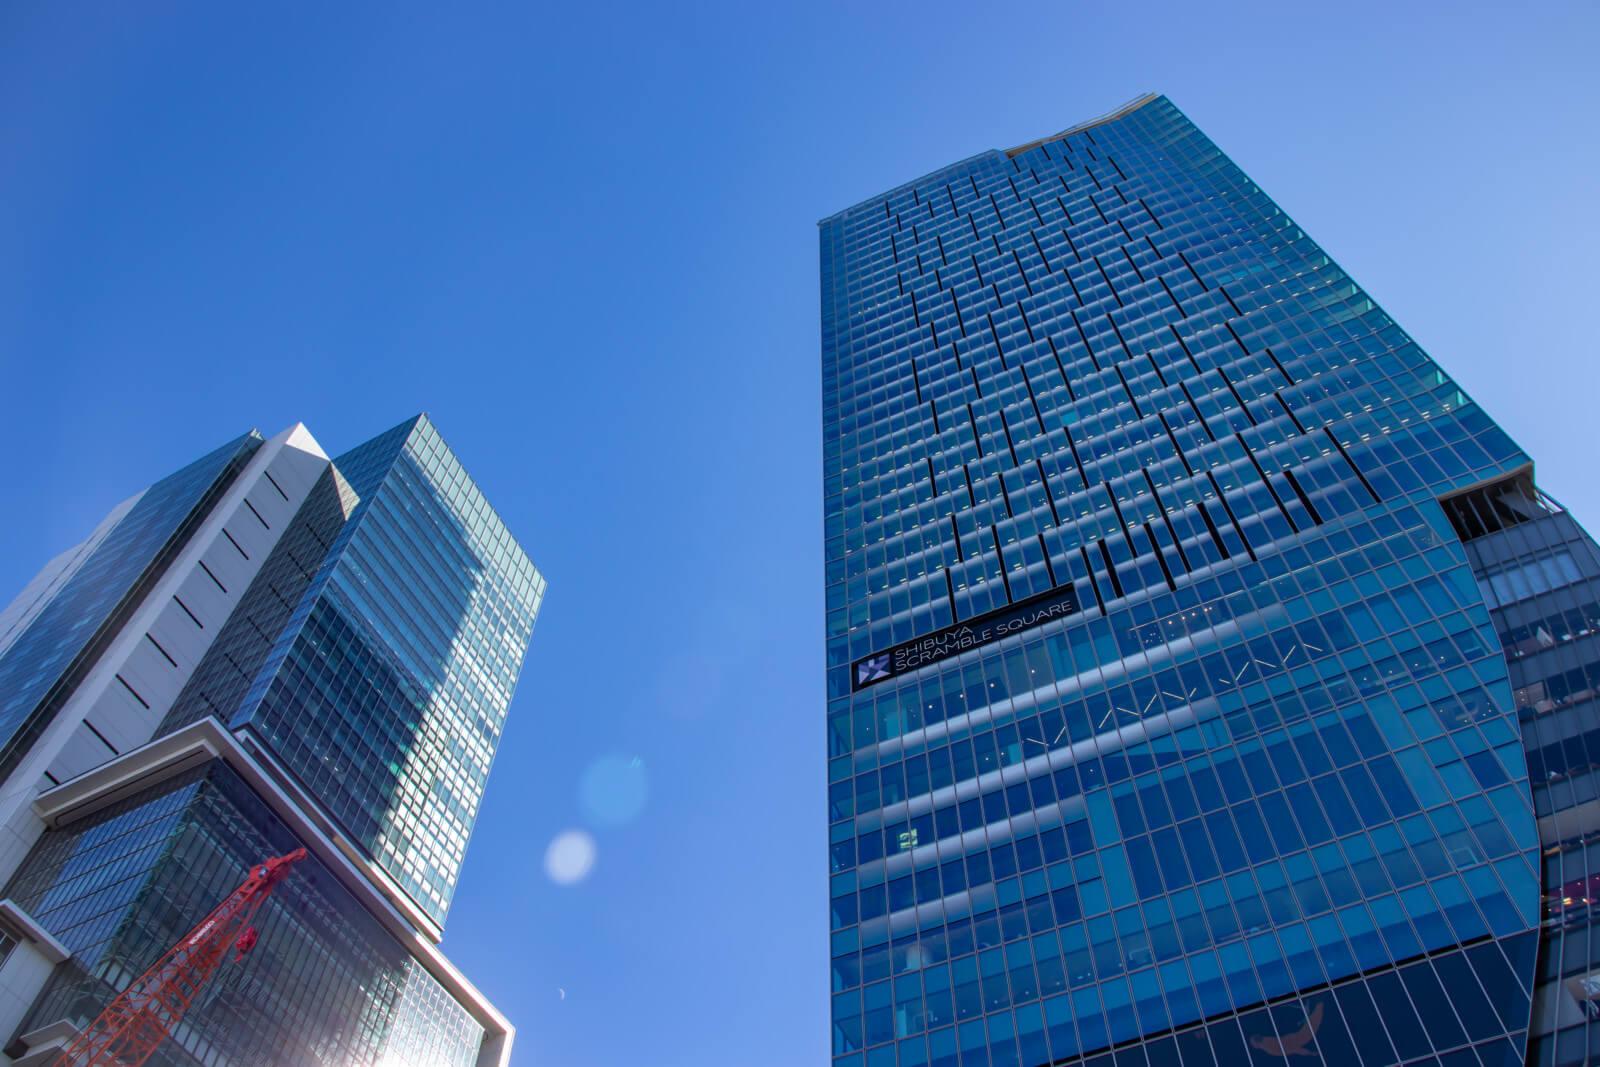 渋谷スクランブルスクエアを下から眺める